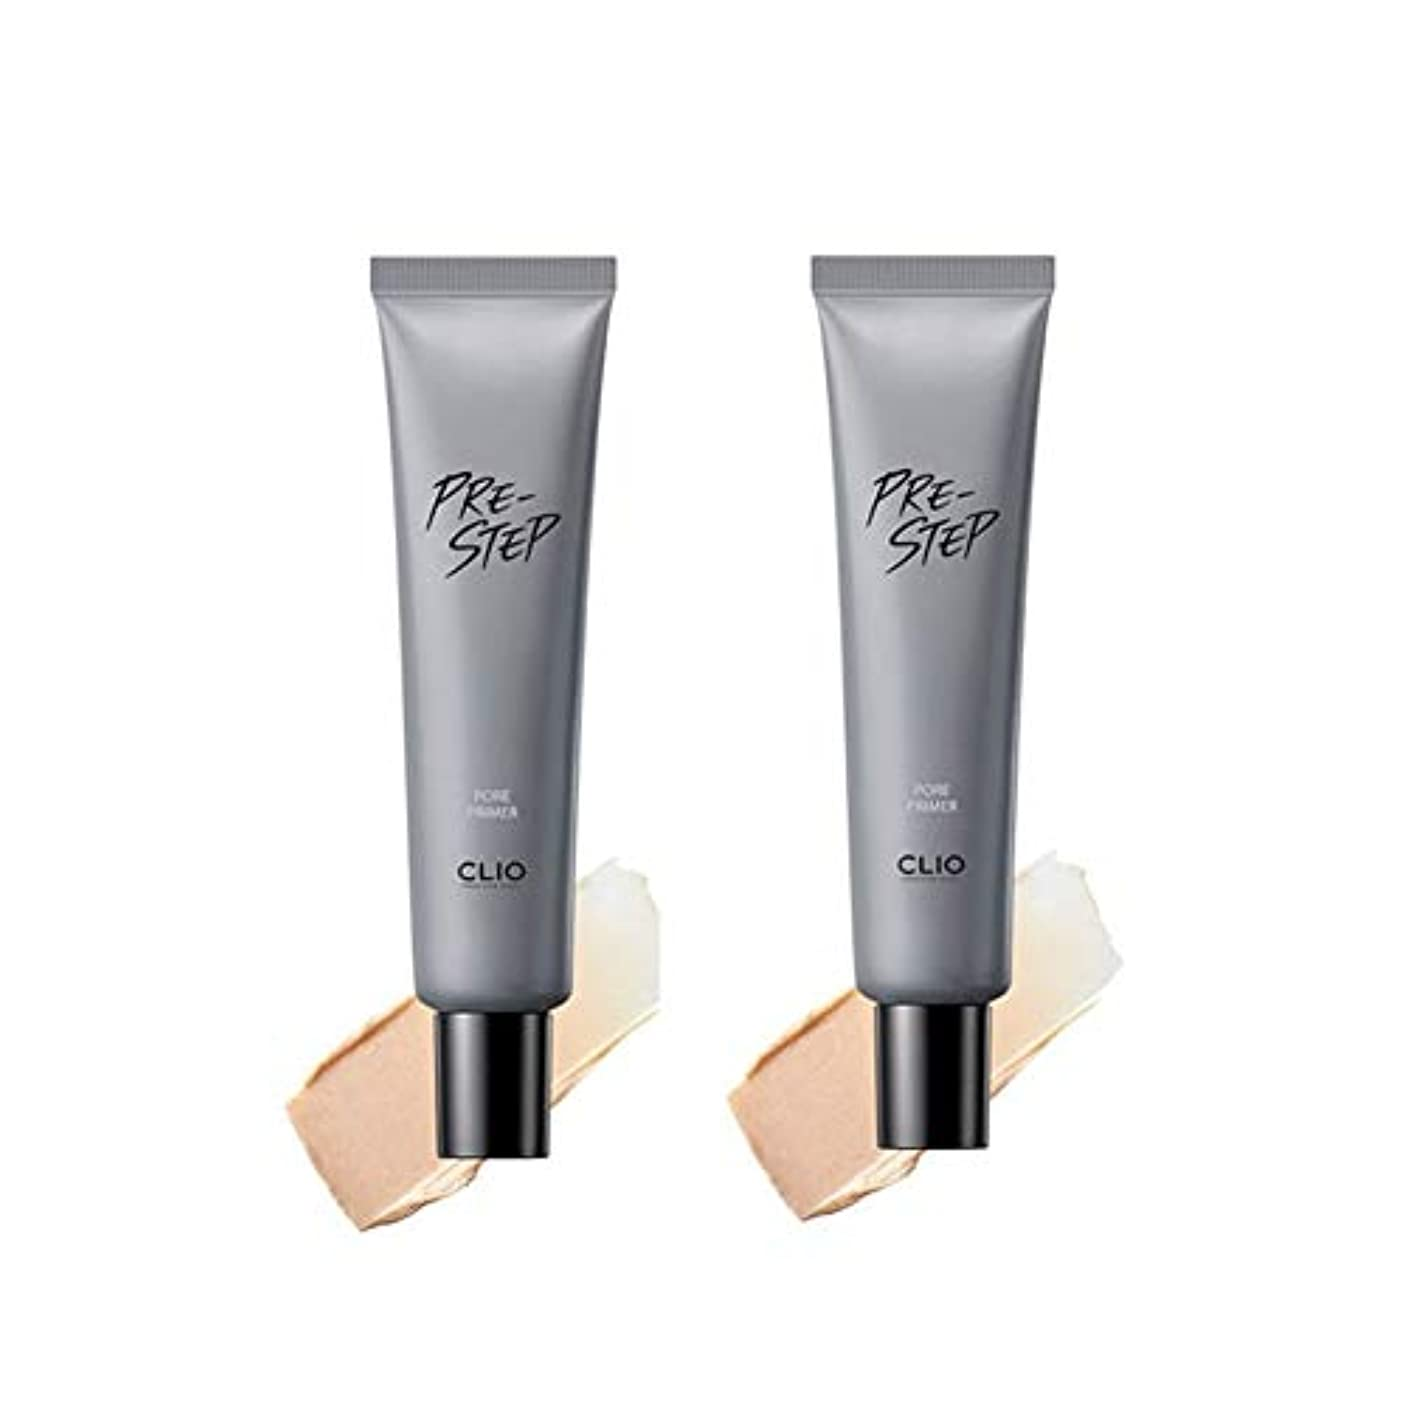 プログラム骨気を散らすクリオフリーステップフォアプライマー30mlx2本セット韓国コスメ、Clio Pre-Step Pore Primer 30ml x 2ea Set Korean Cosmetics [並行輸入品]